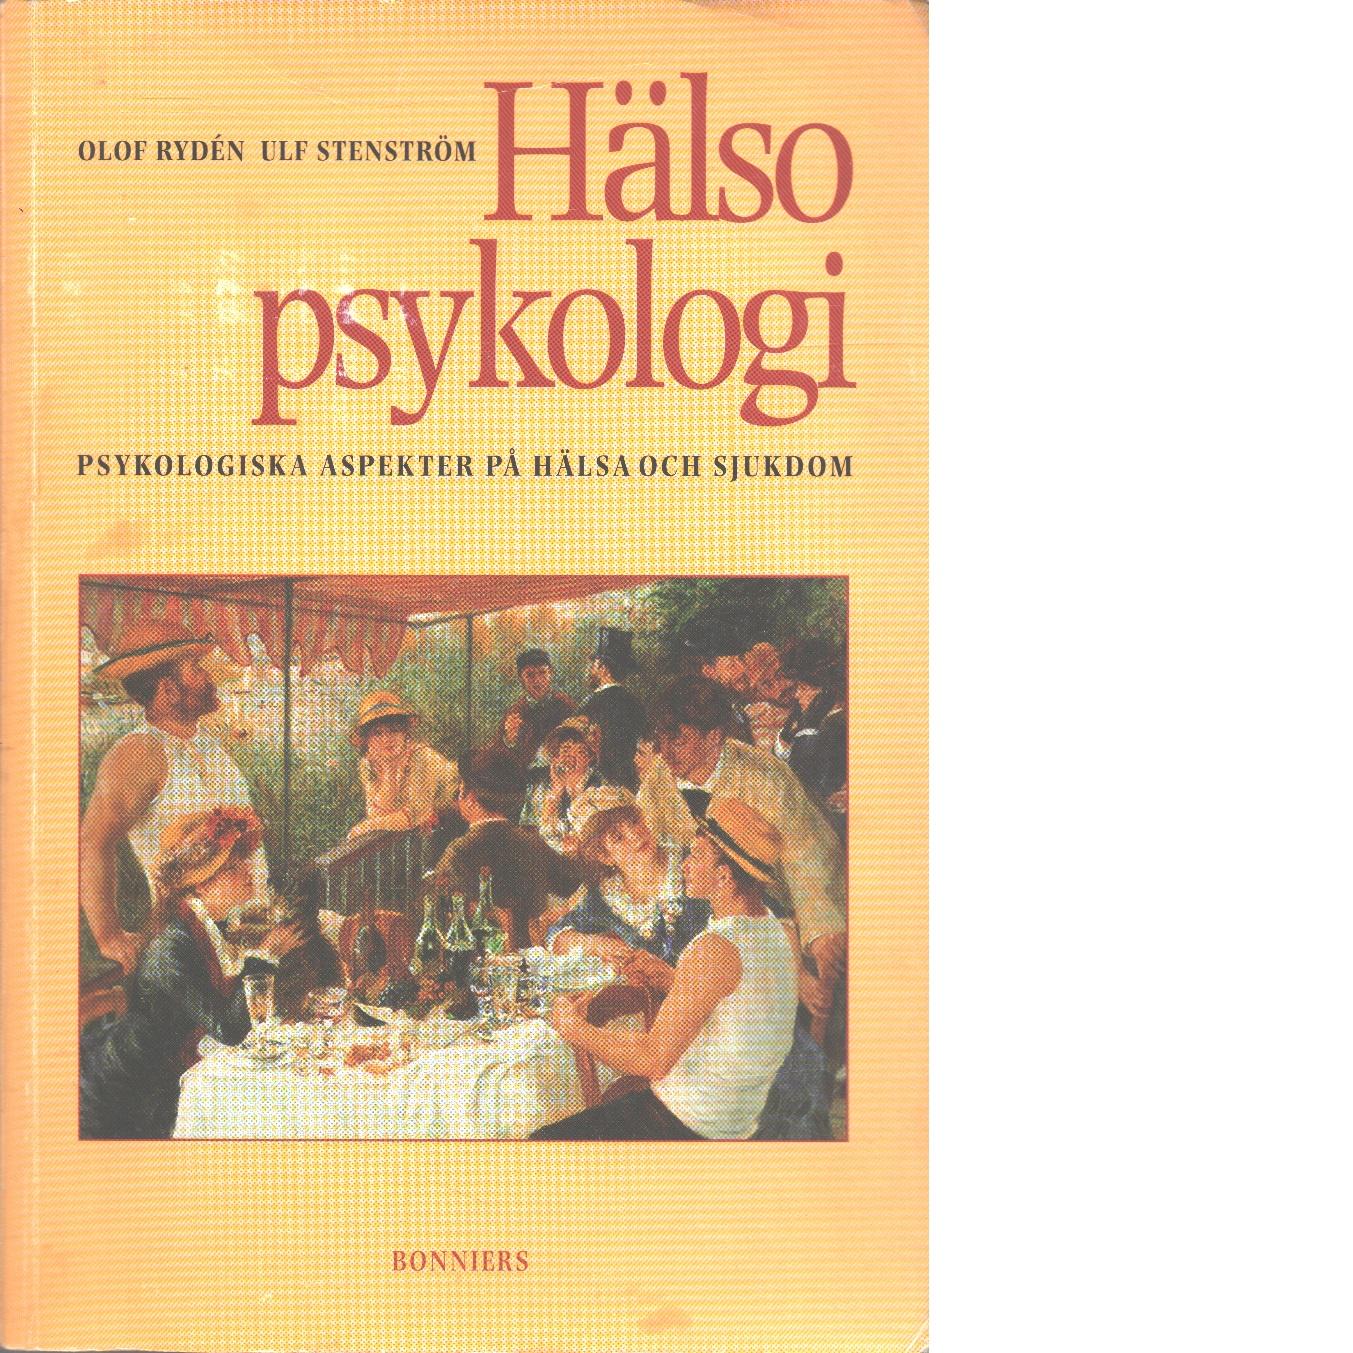 Hälsopsykologi : psykologiska aspekter på hälsa och sjukdom - Rydén, Olof och Stenström, Ulf